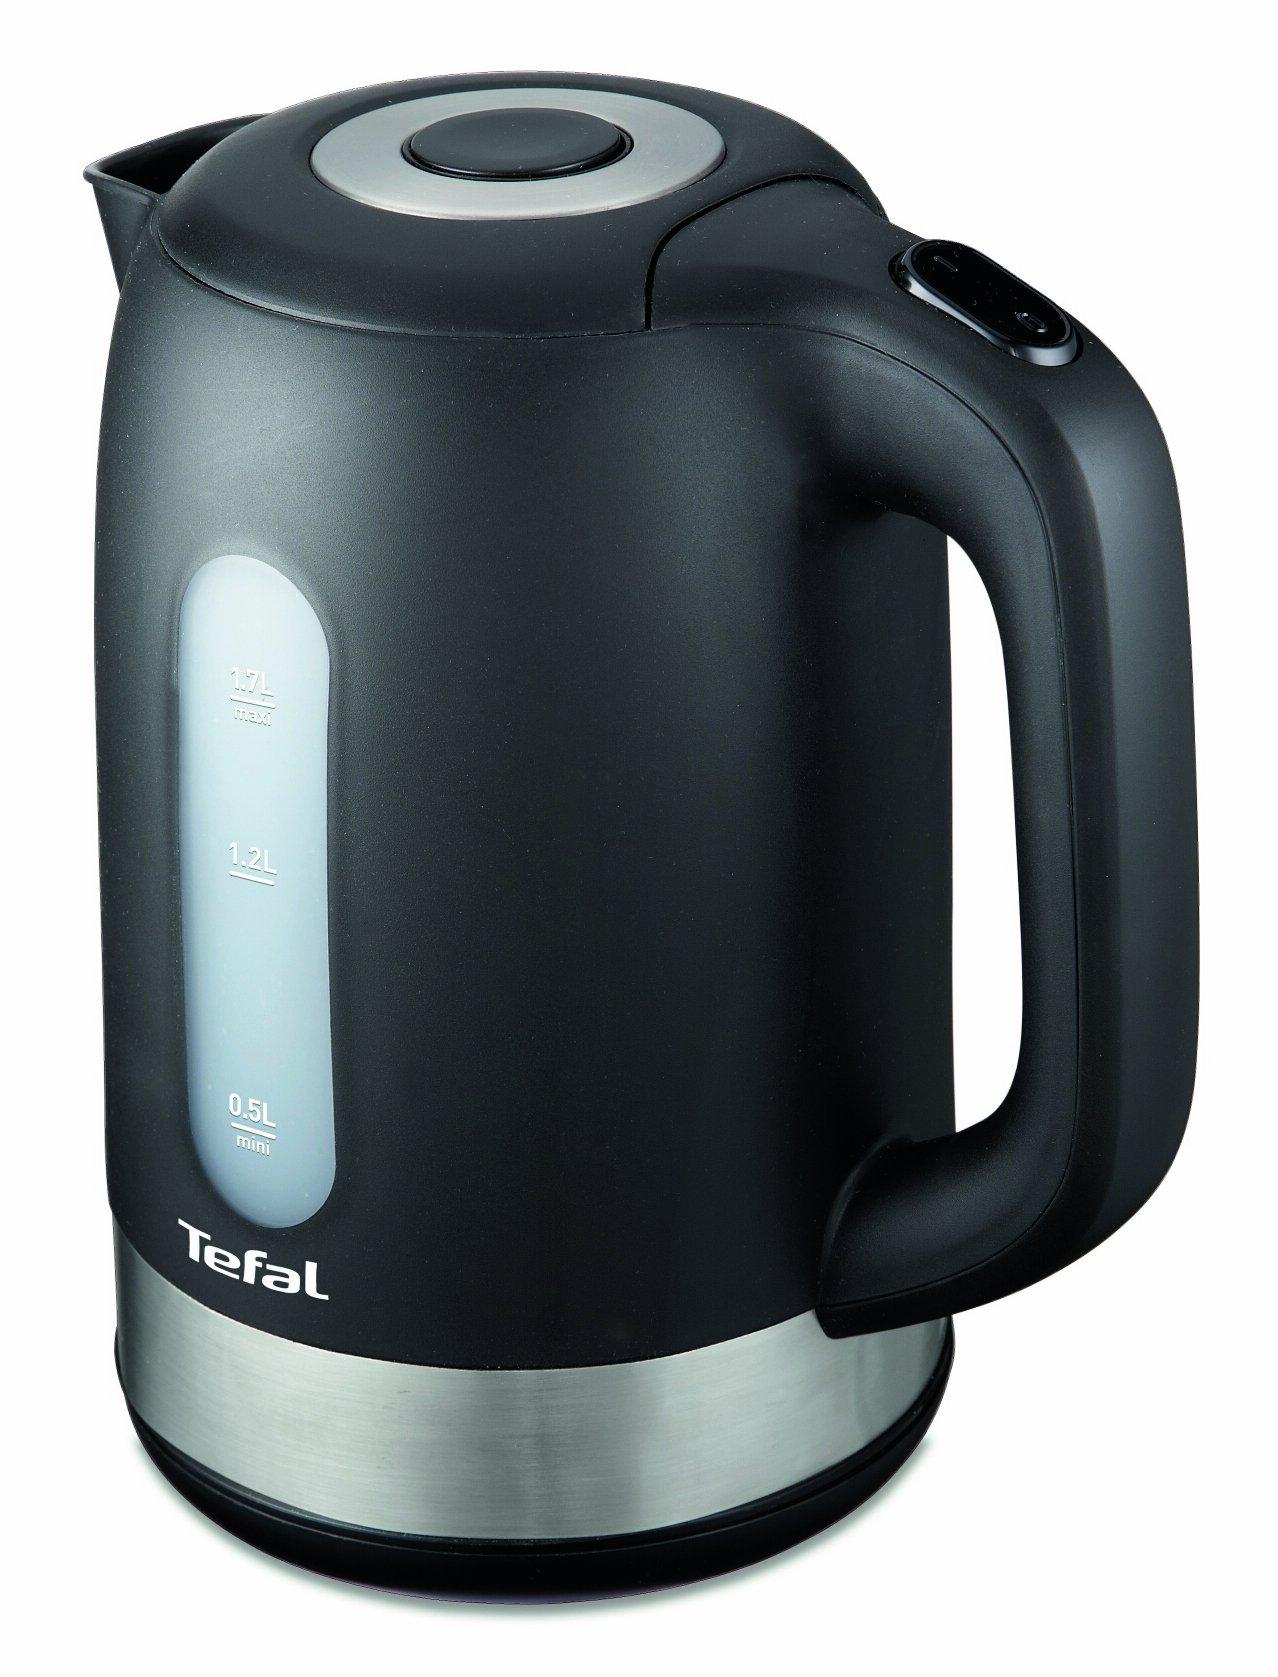 Tefal-KO3308-Wasserkocher-2400-Watt-17-l-schwarz